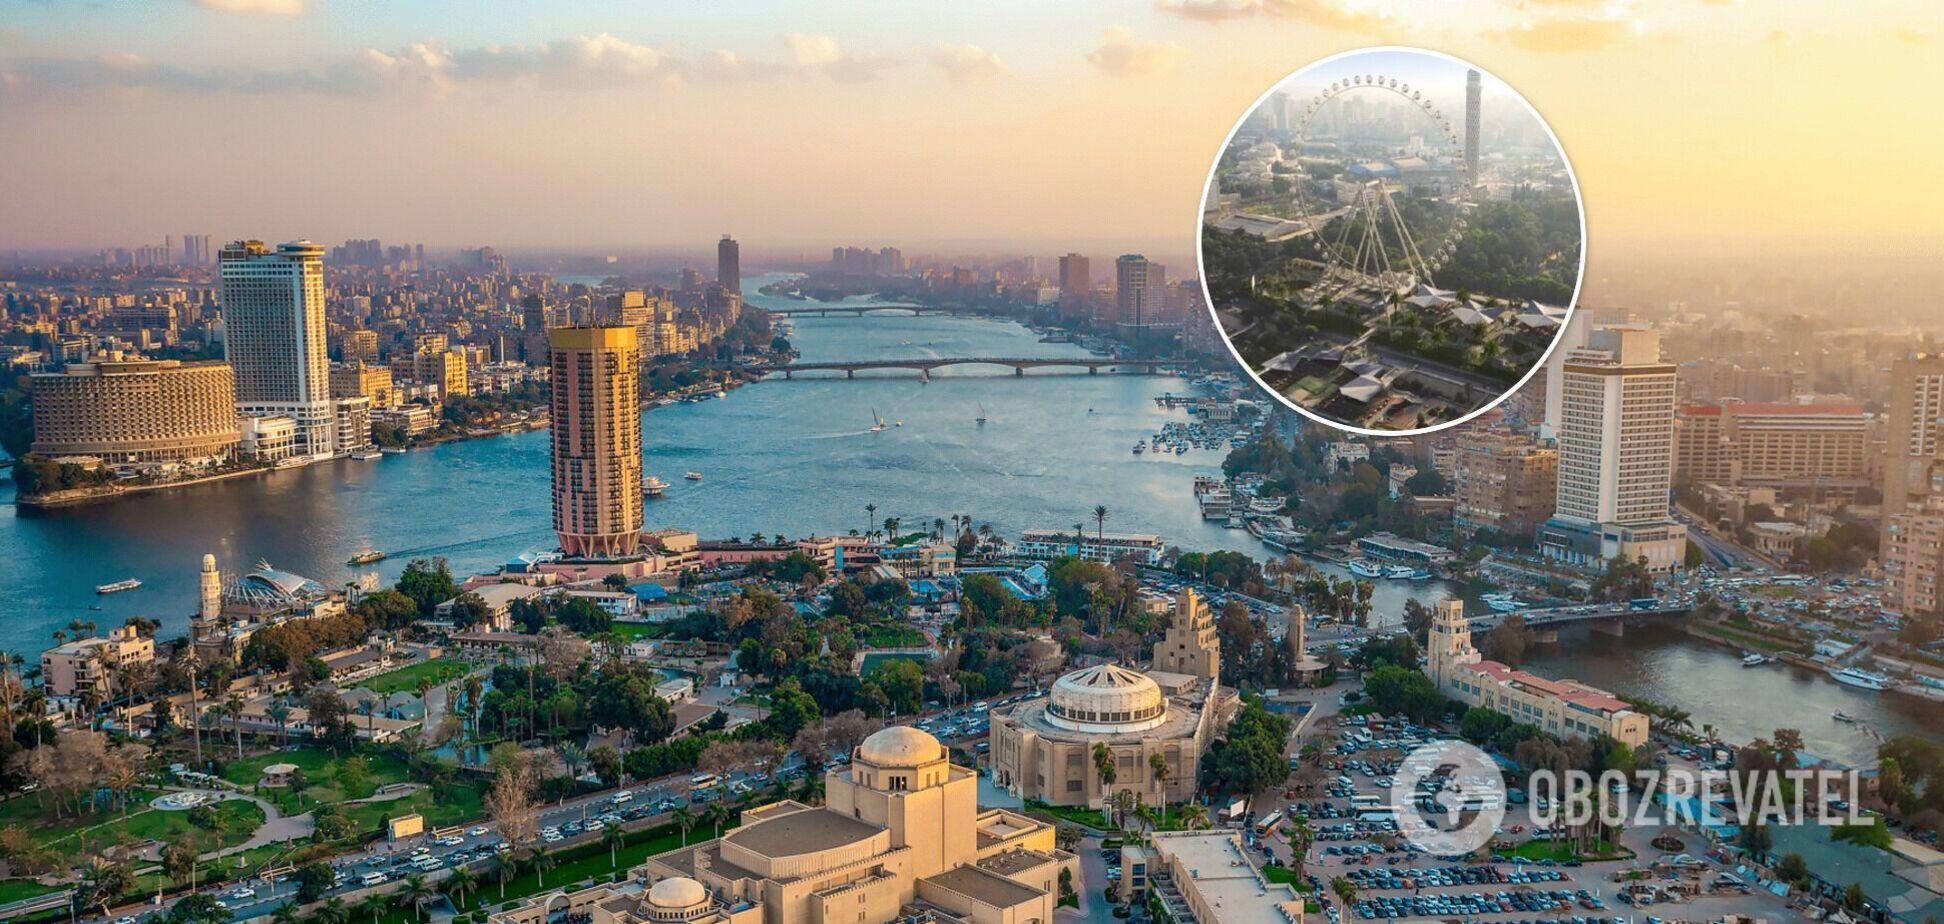 Найбільше в Африці колесо огляду з'явиться в Єгипті